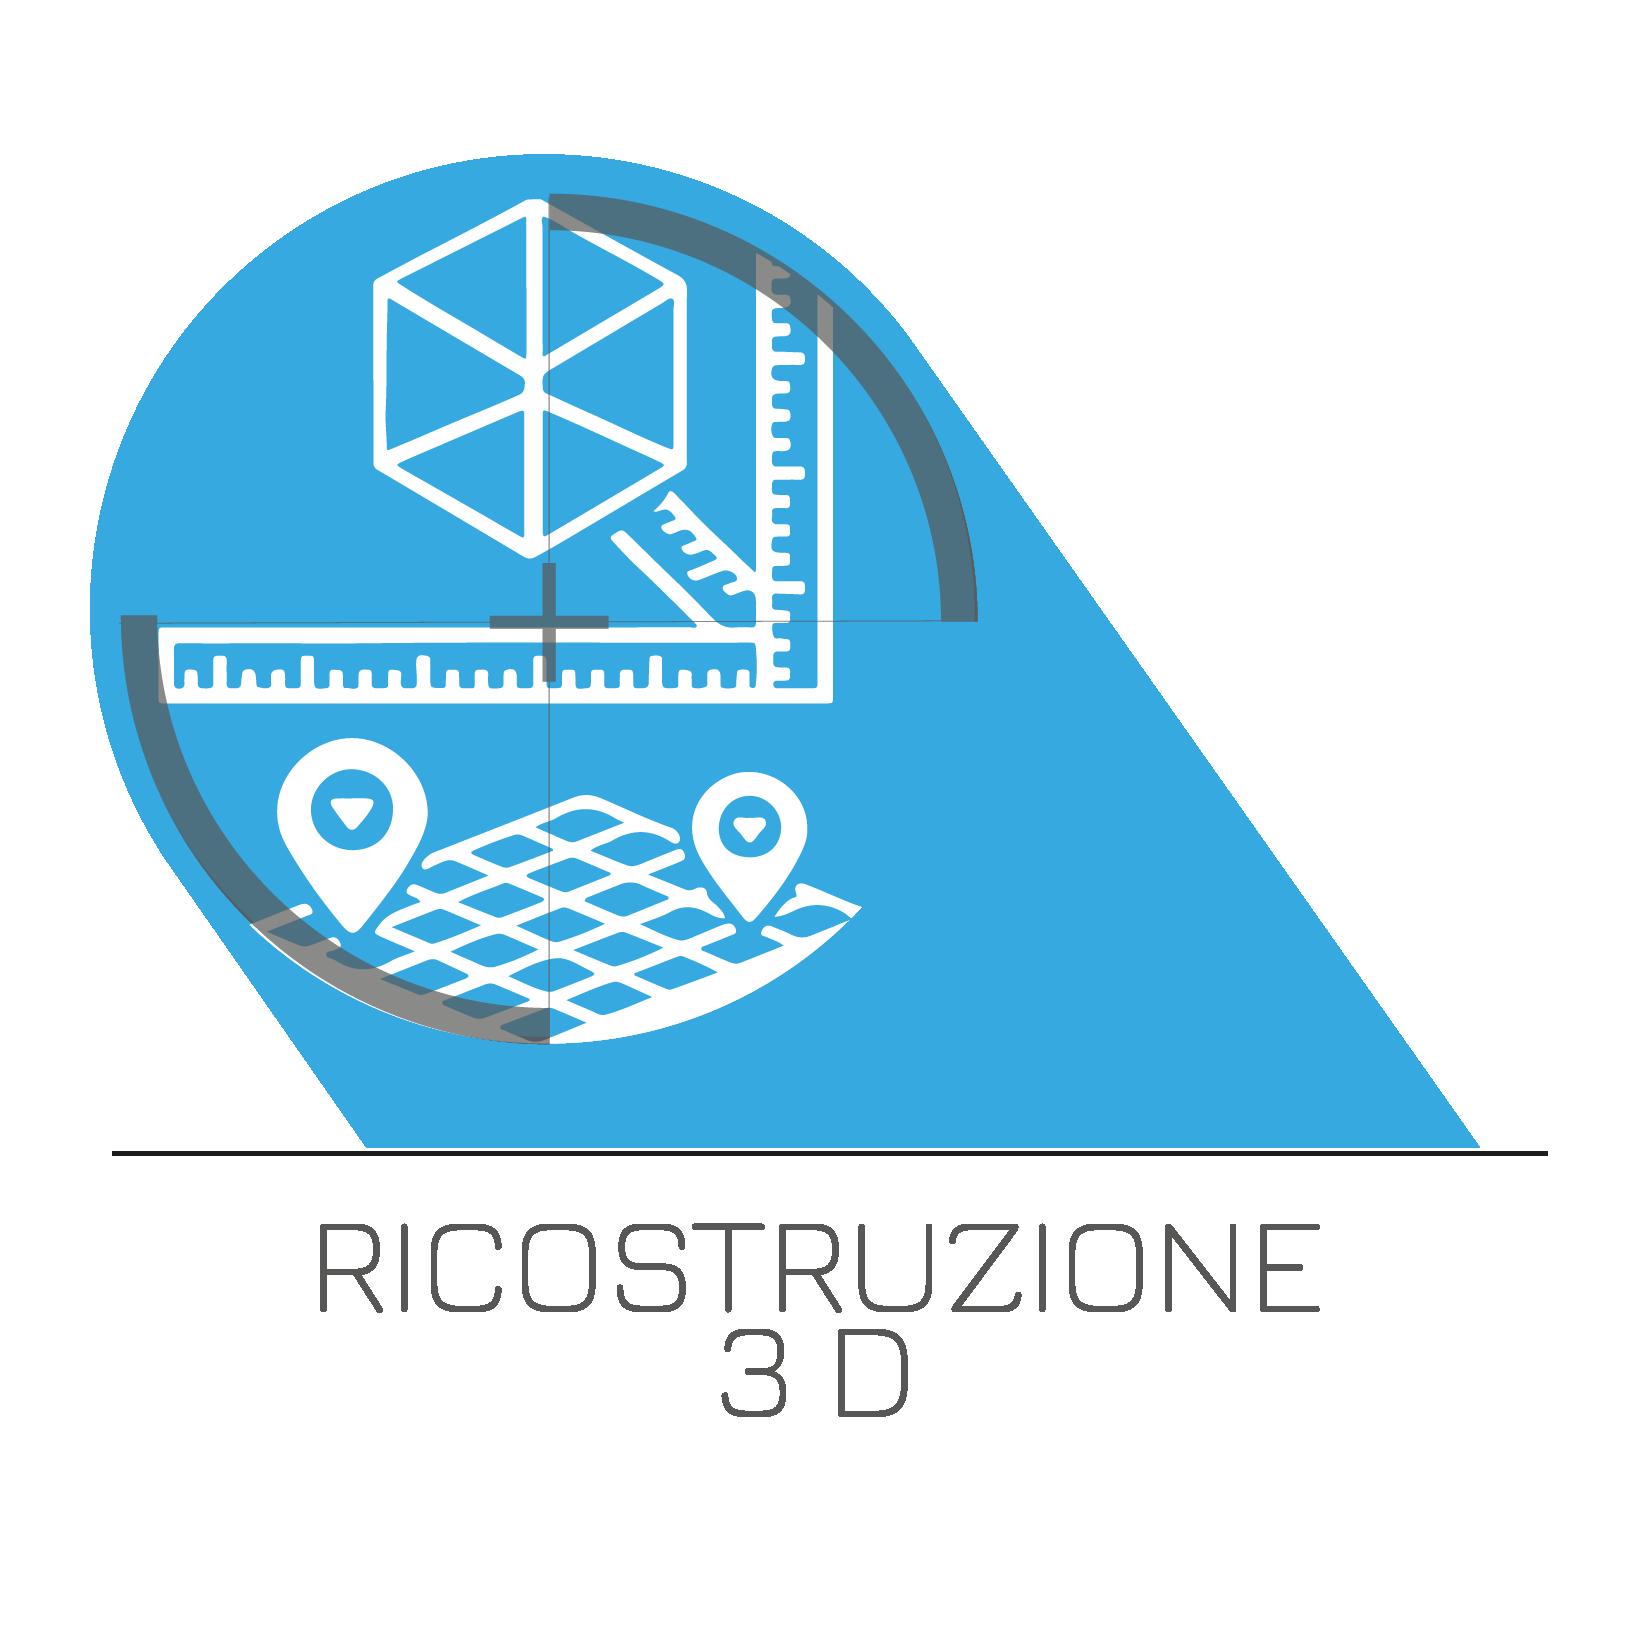 RICOSTRUZIONE 3D